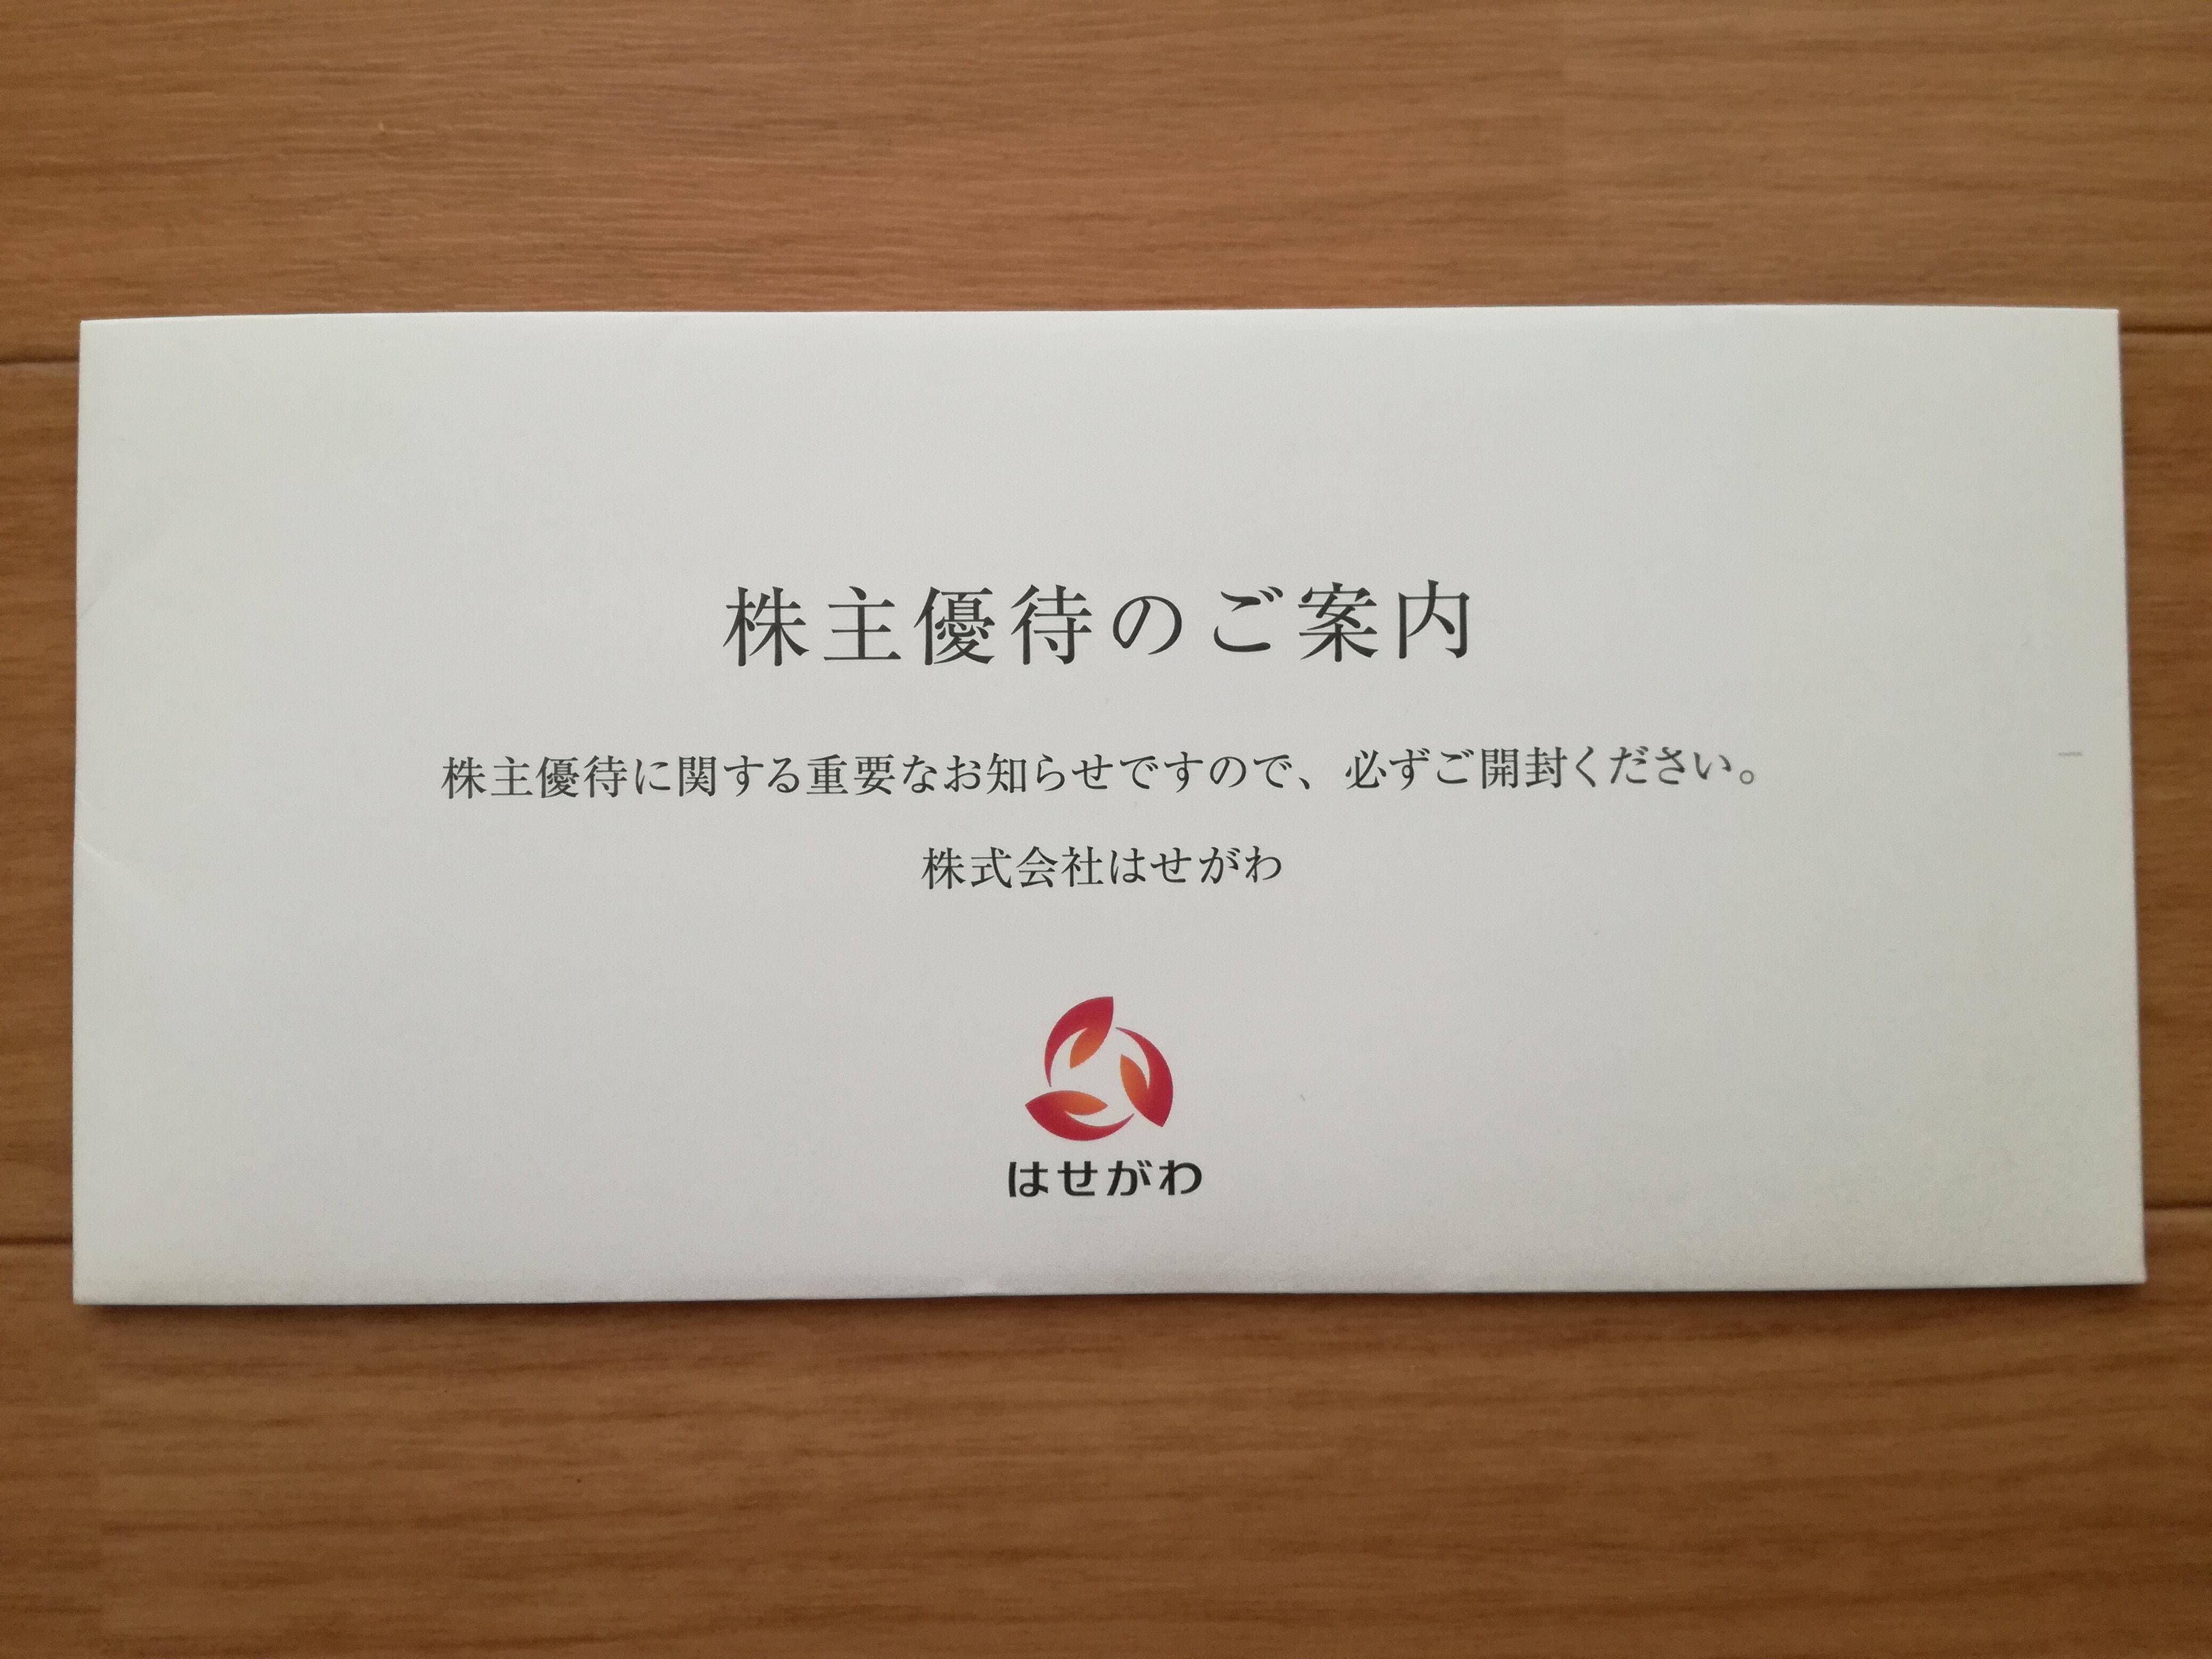 はせがわ(8230)の株主優待カタログギフト到着!九州特産品の10点の中から選べます!